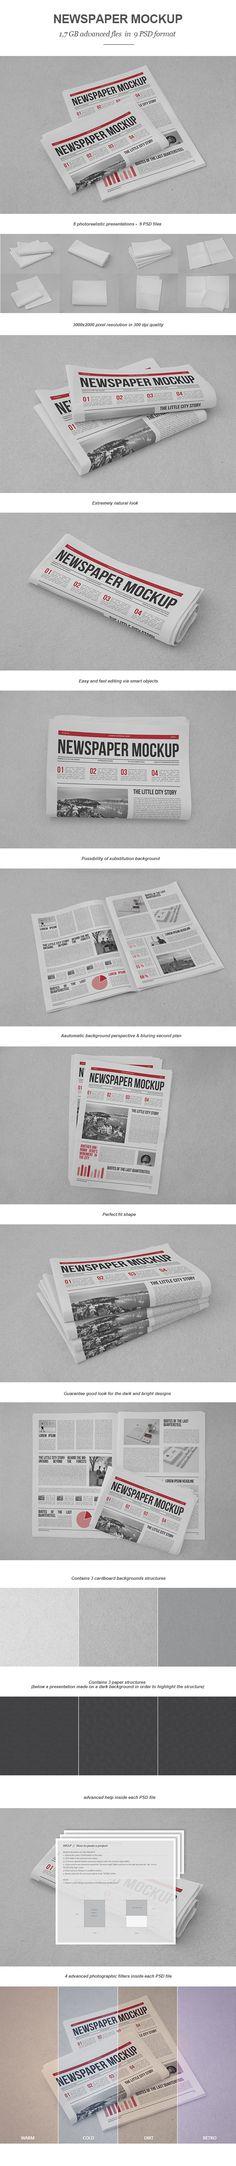 Diseños de prensas